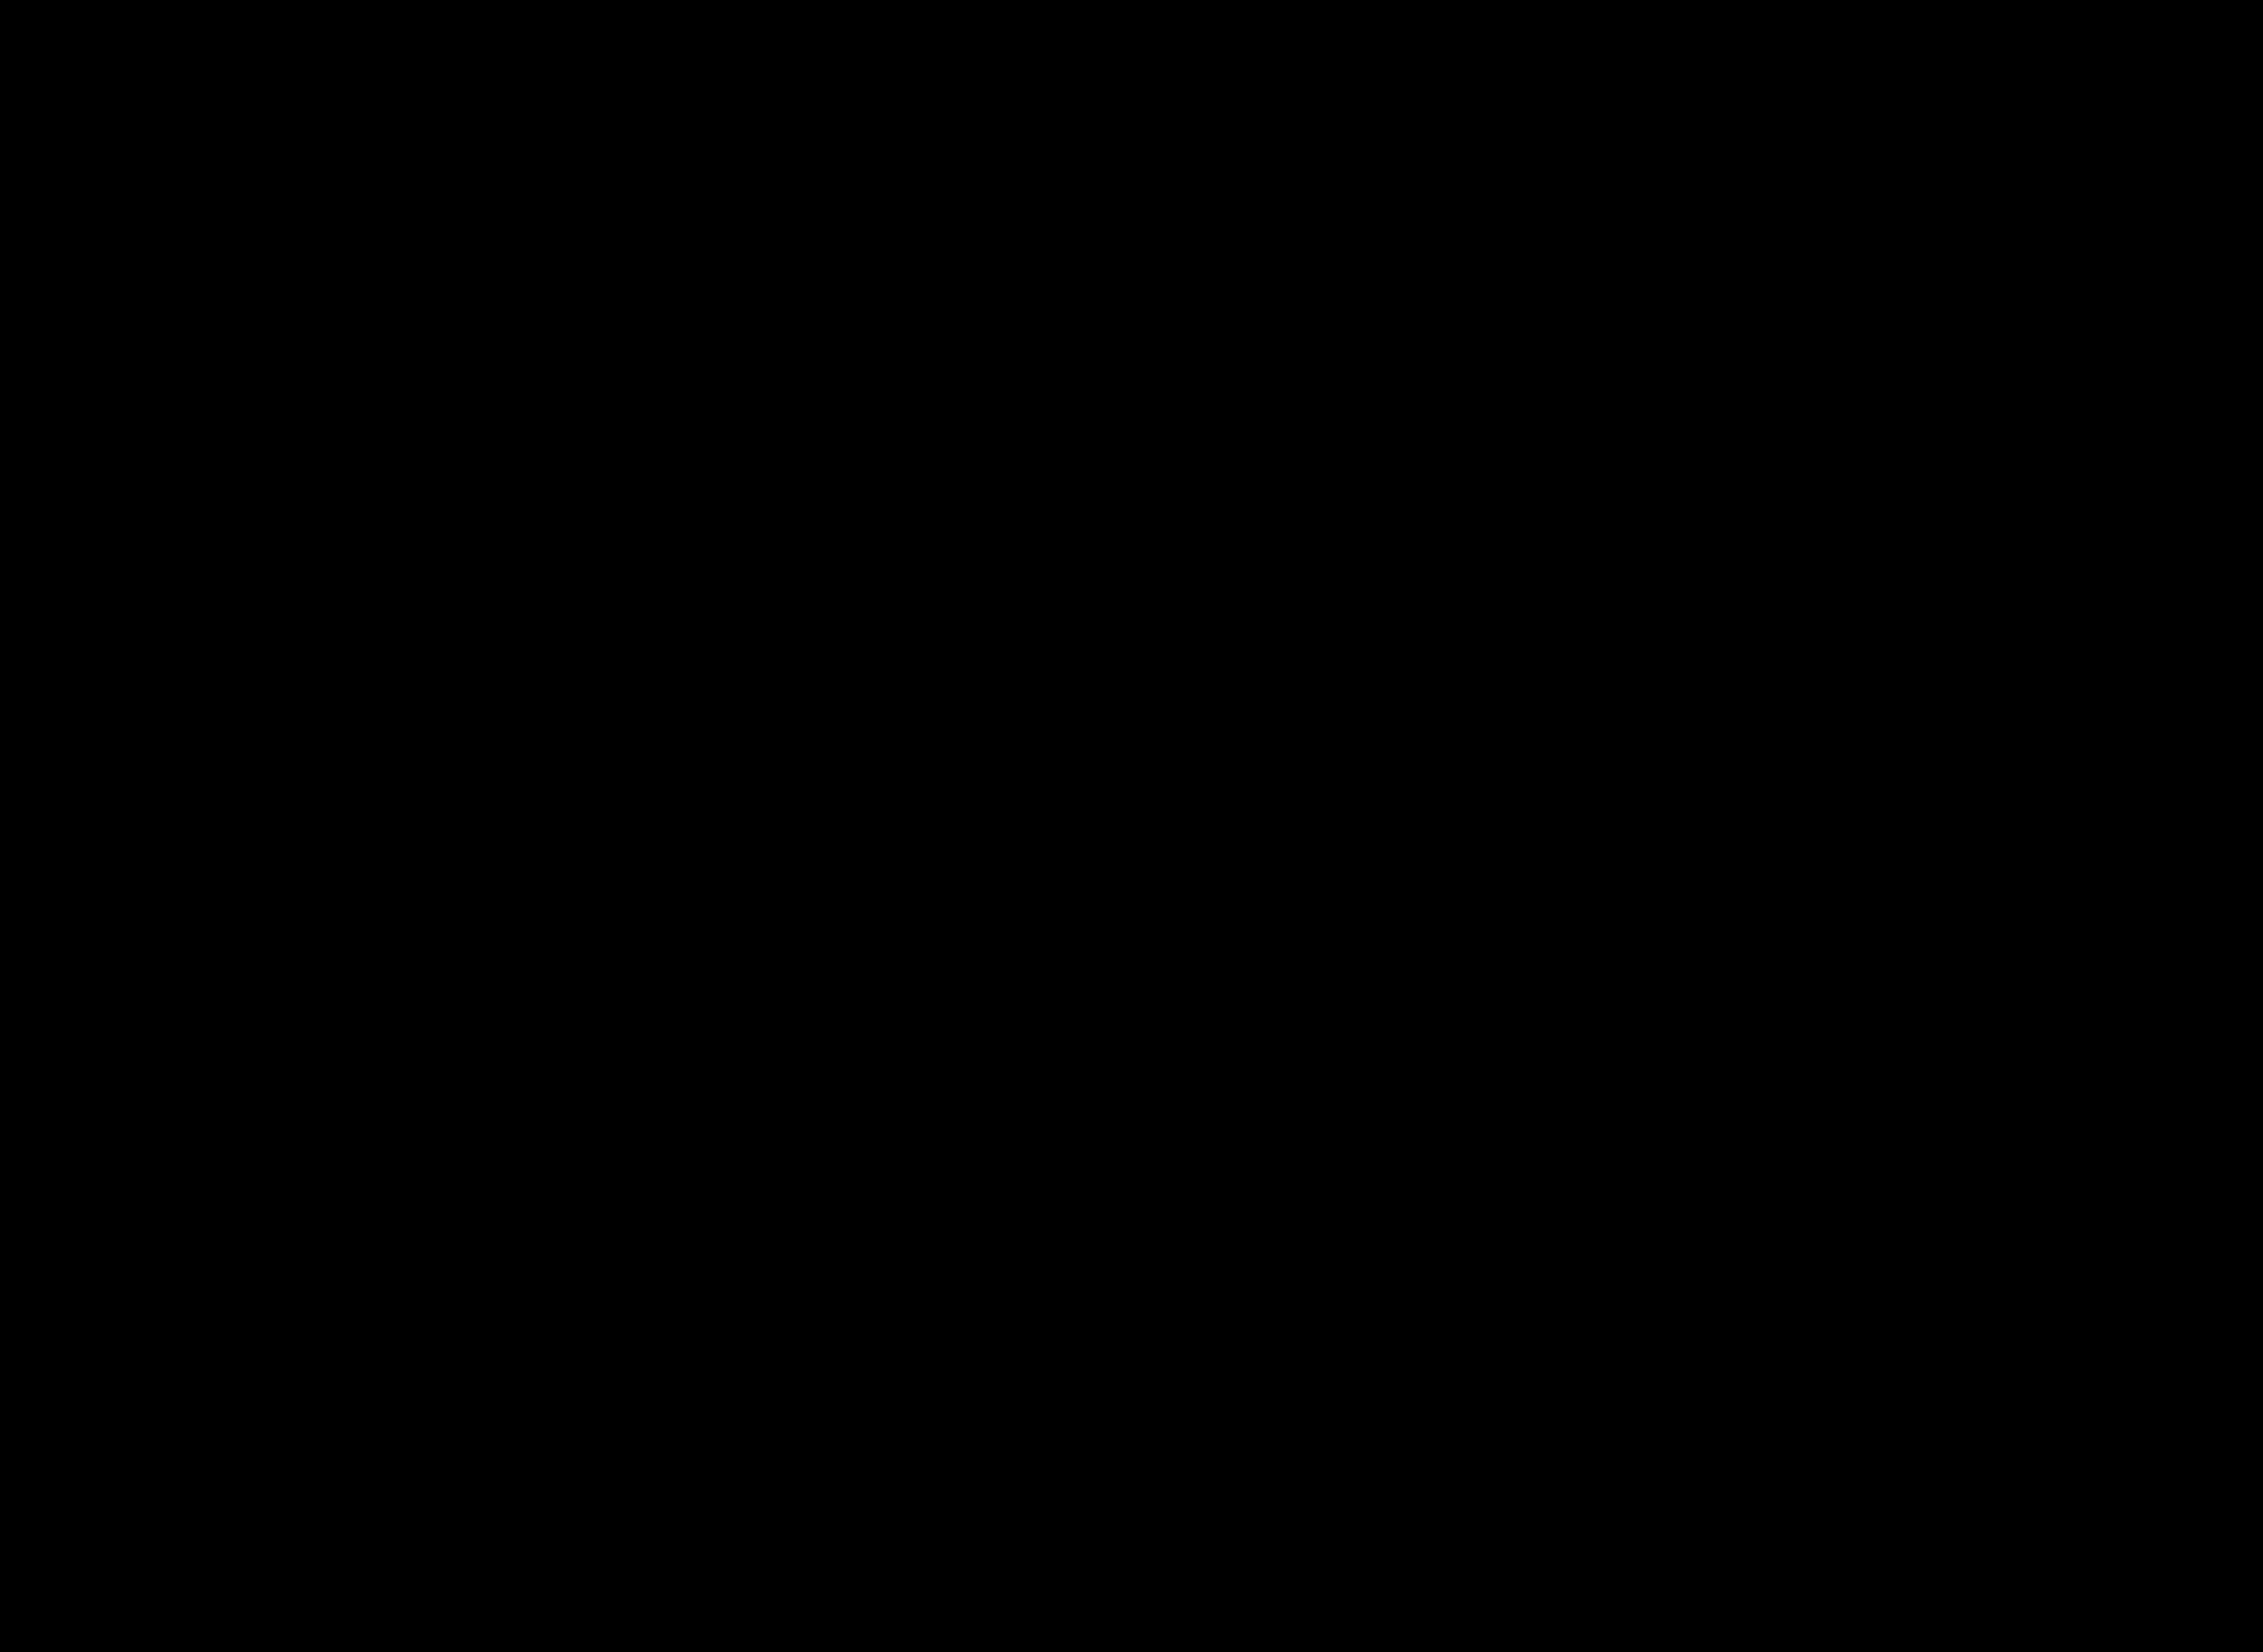 Virgo PNG - 9103